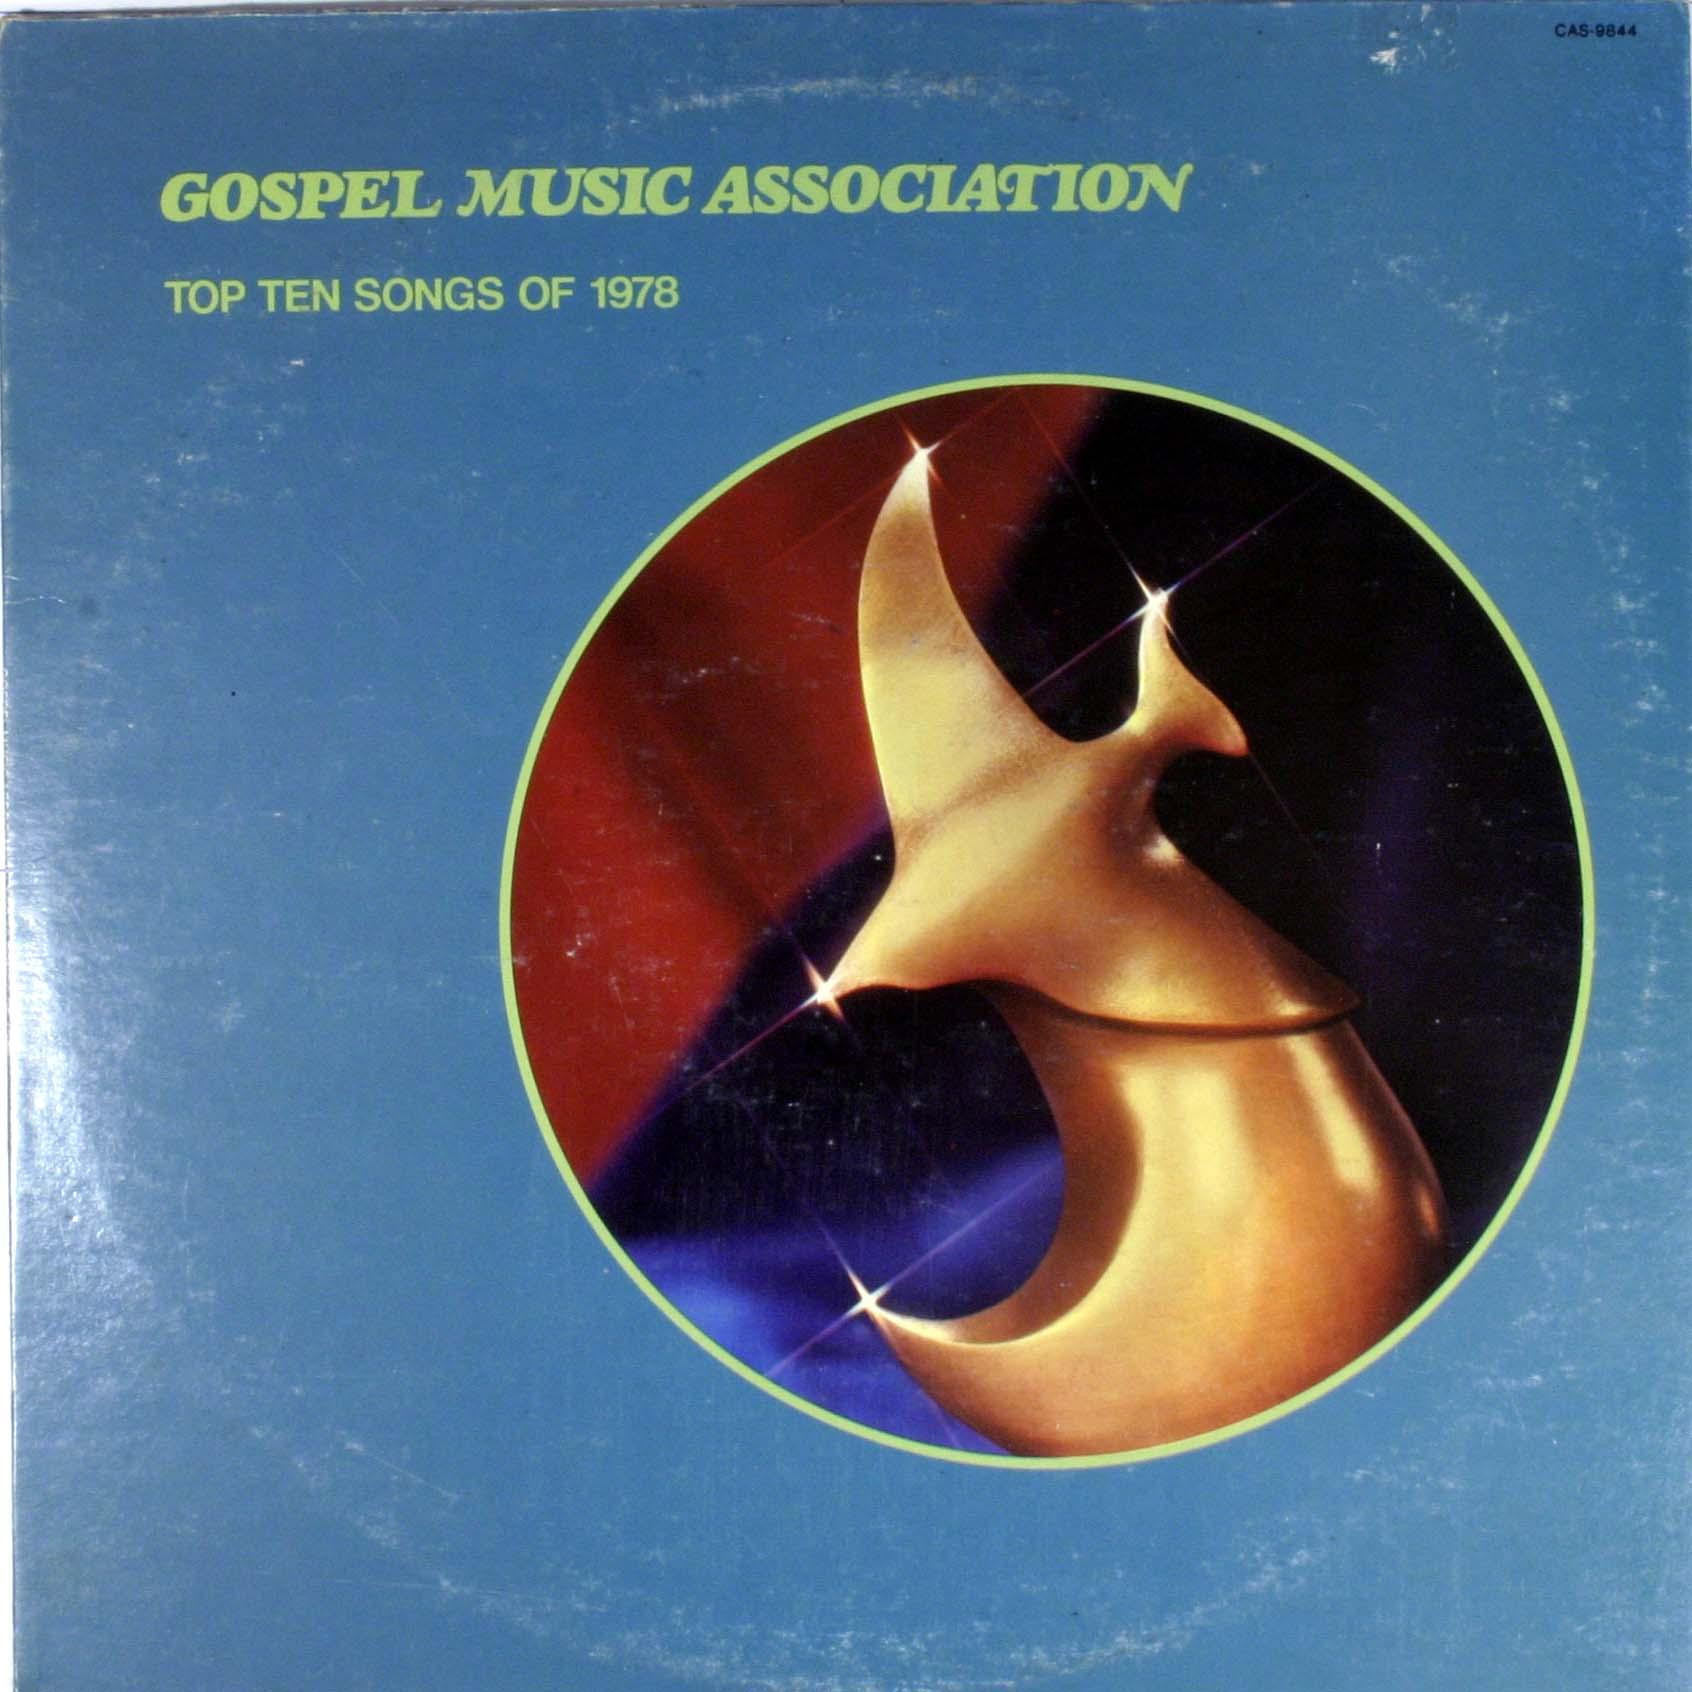 Gospel Music Association - Top Ten Songs Of 1978